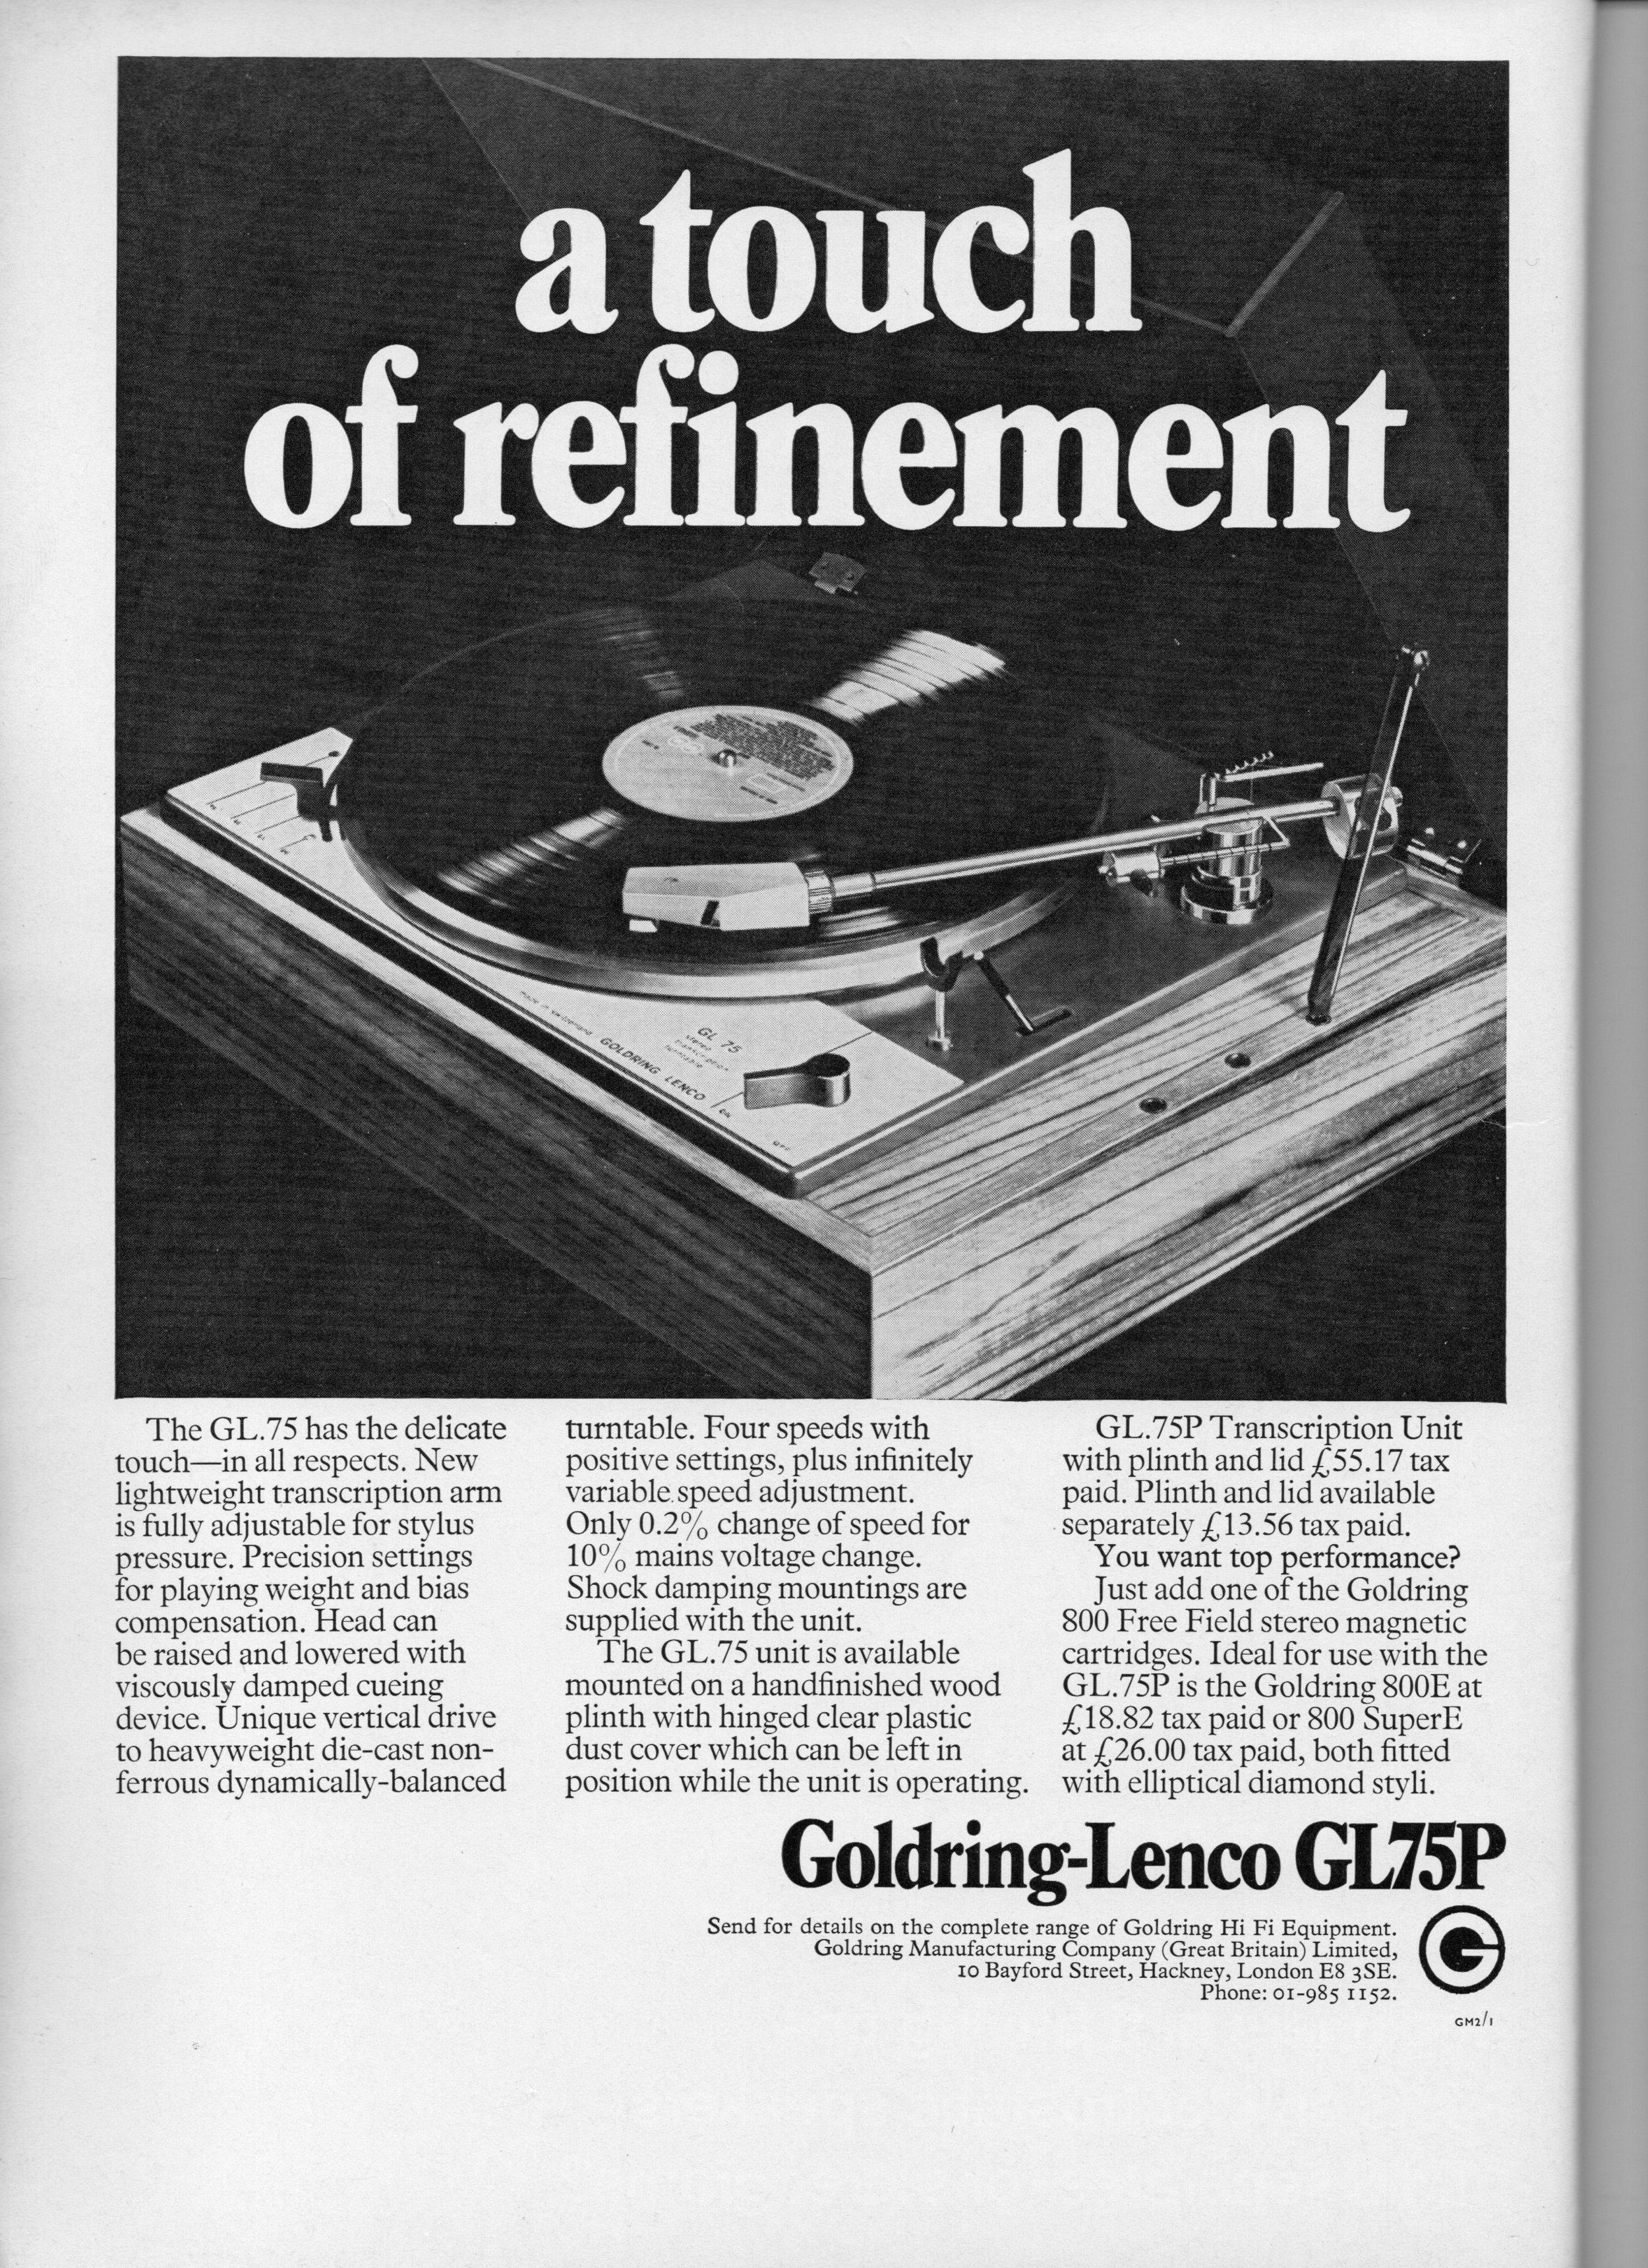 Goldring-Lenco GL75P Advert 1971.jpg